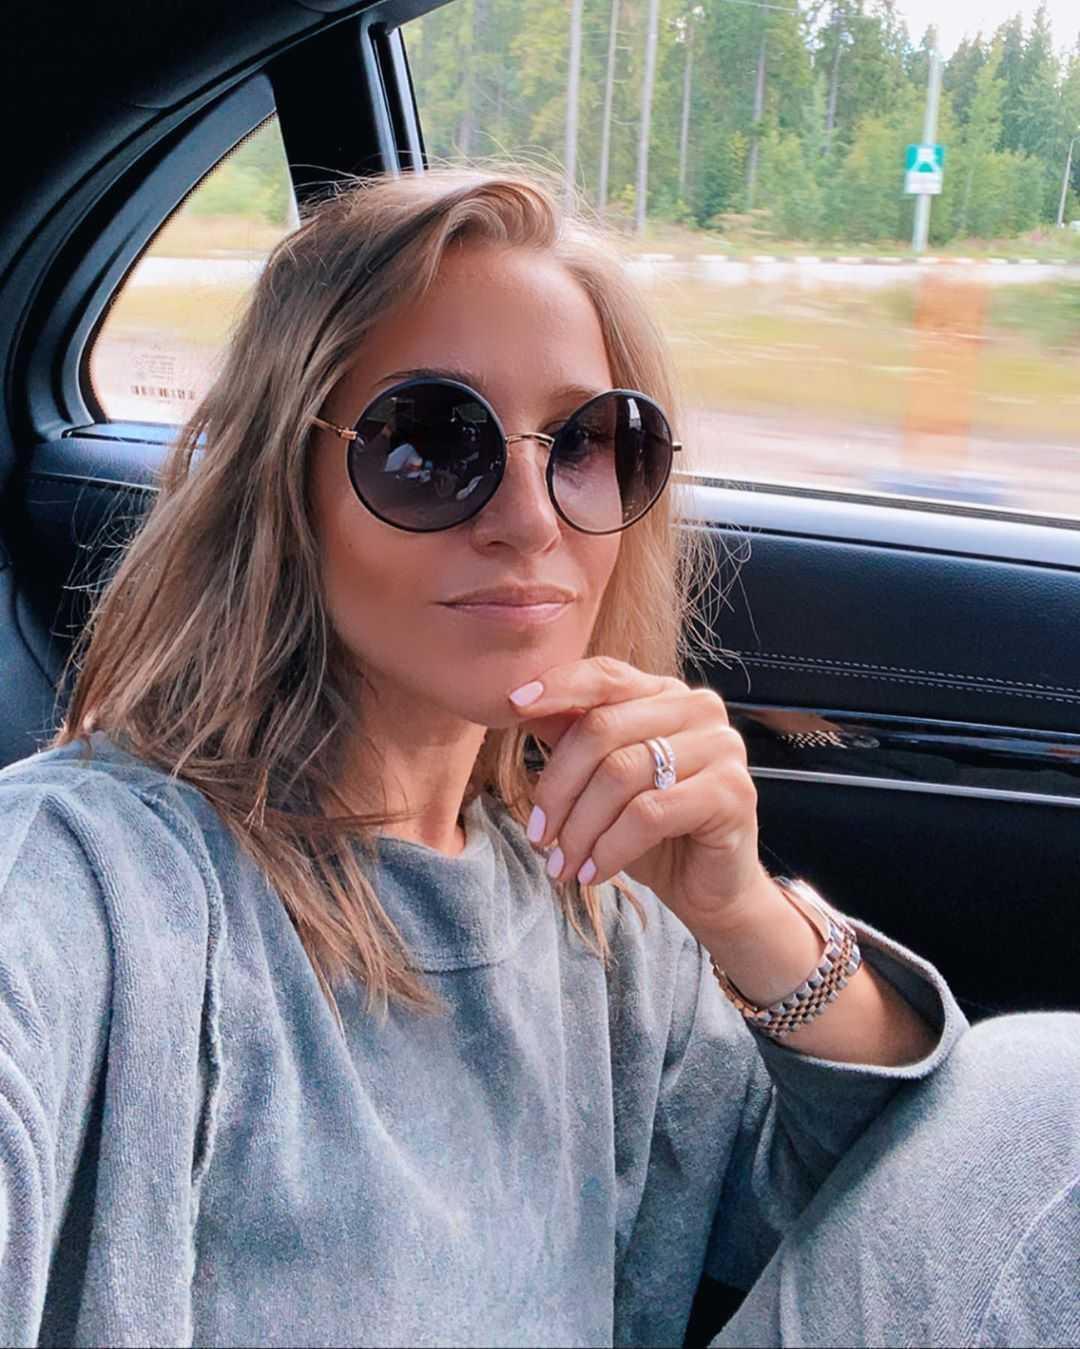 Фанаты раскритиковали «честный» снимок Юлии Ковальчук